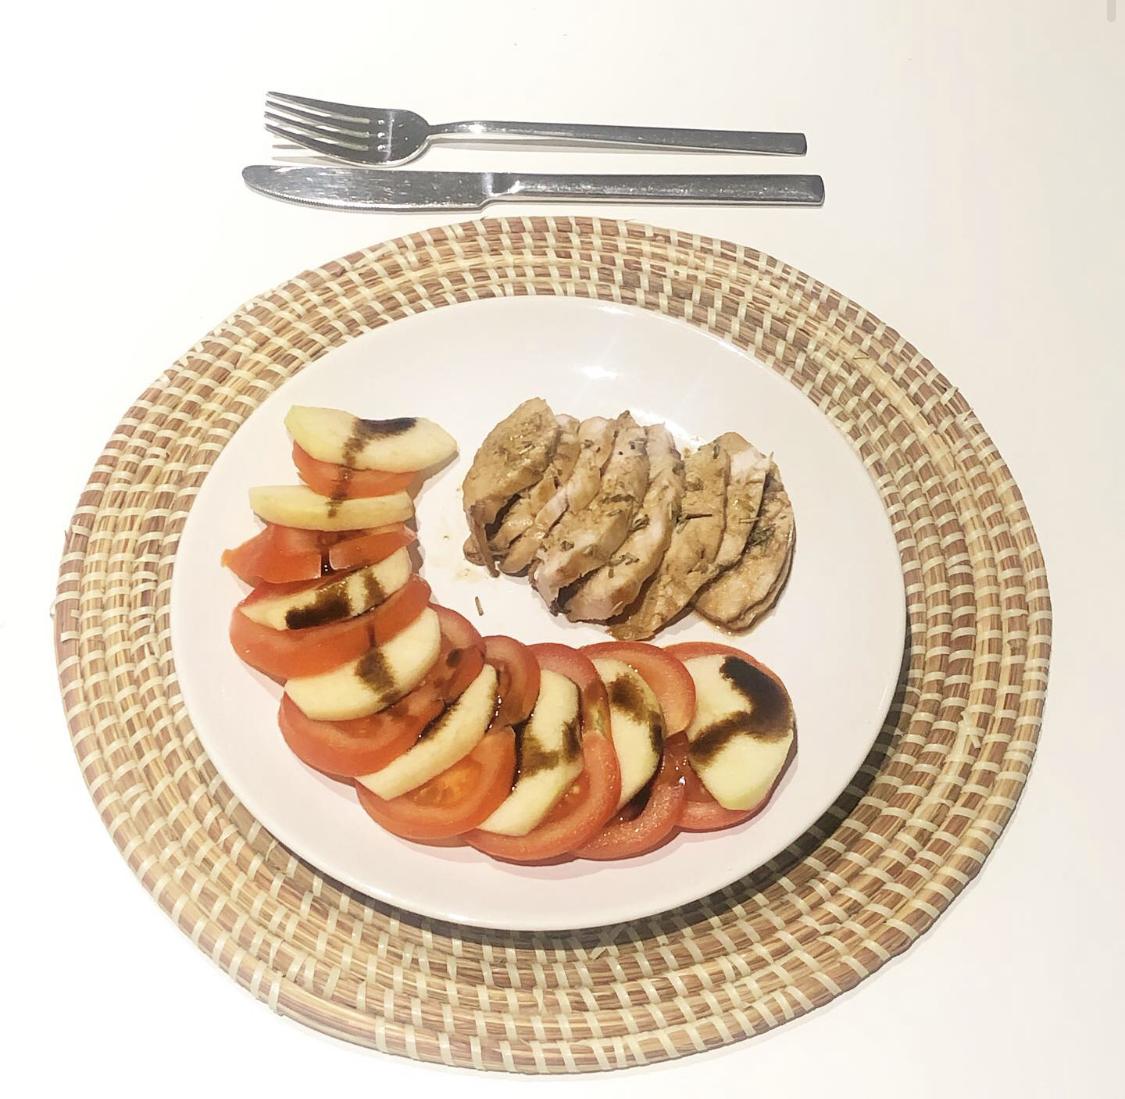 Lombinho de porco com laranja e alecrim com salada de tomate e maçã com balsâmico cremoso